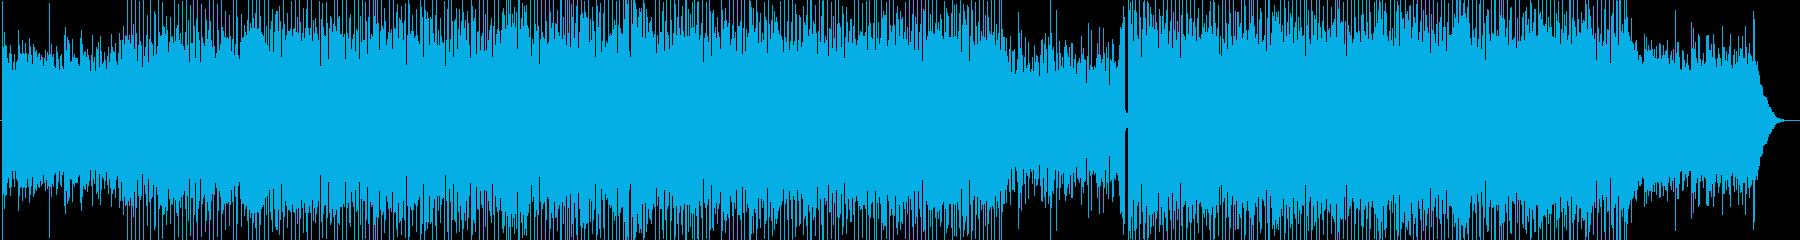 ギターの旋律が特徴的ラテンテイストBGMの再生済みの波形